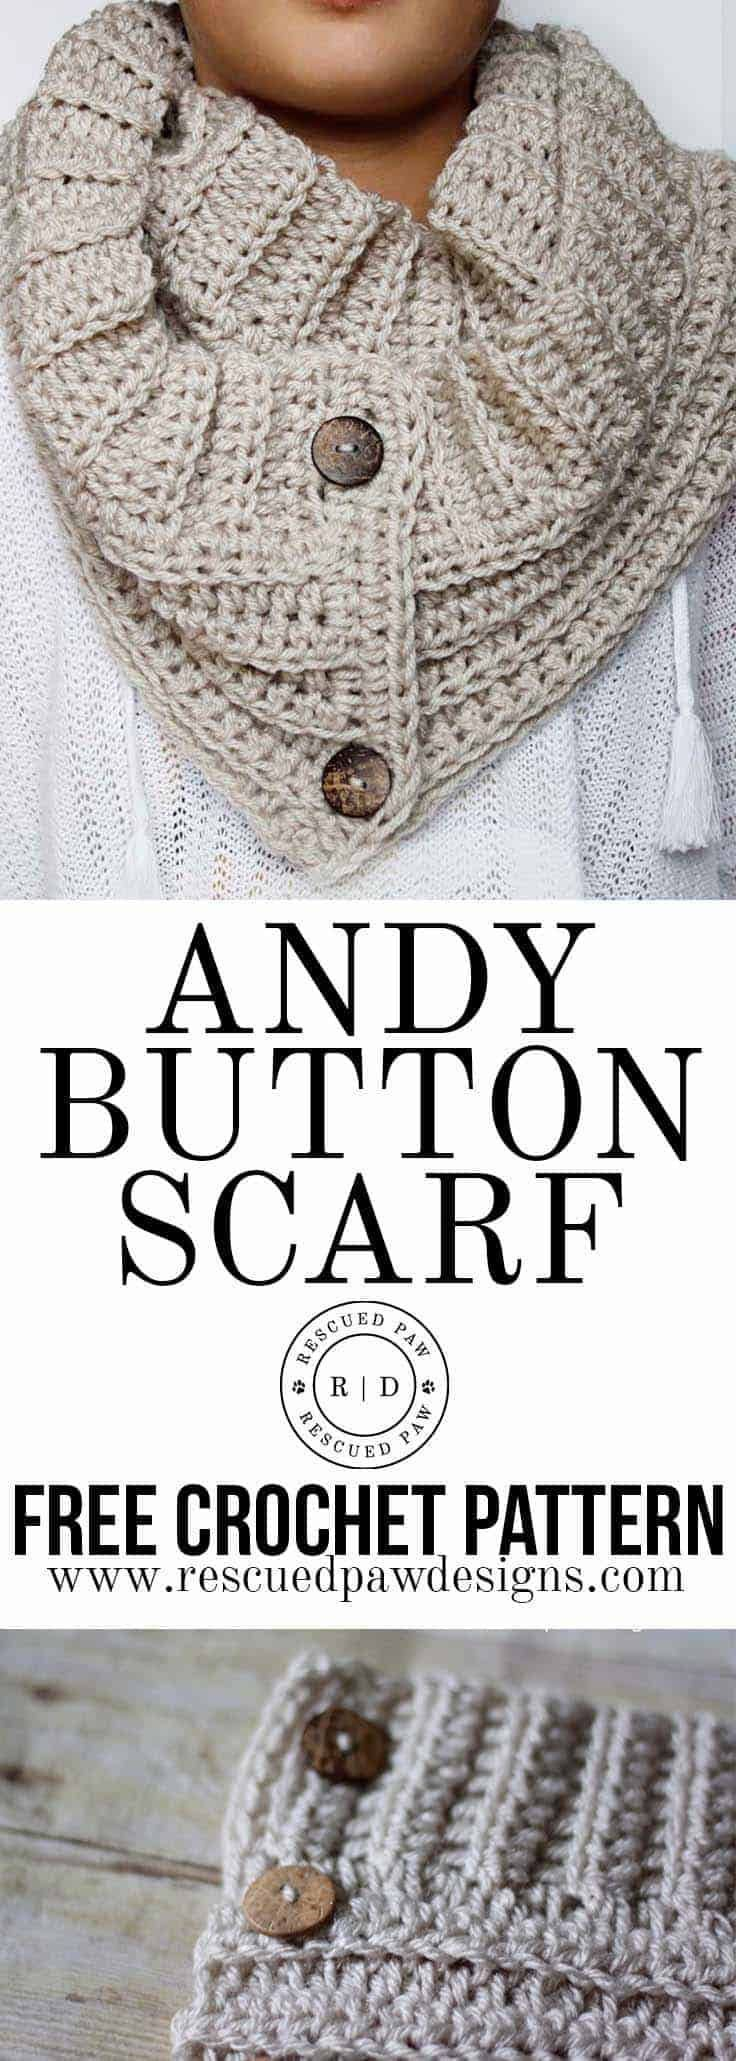 Andy Button Scarf Crochet Pattern   Patrón de tejer   Pinterest ...